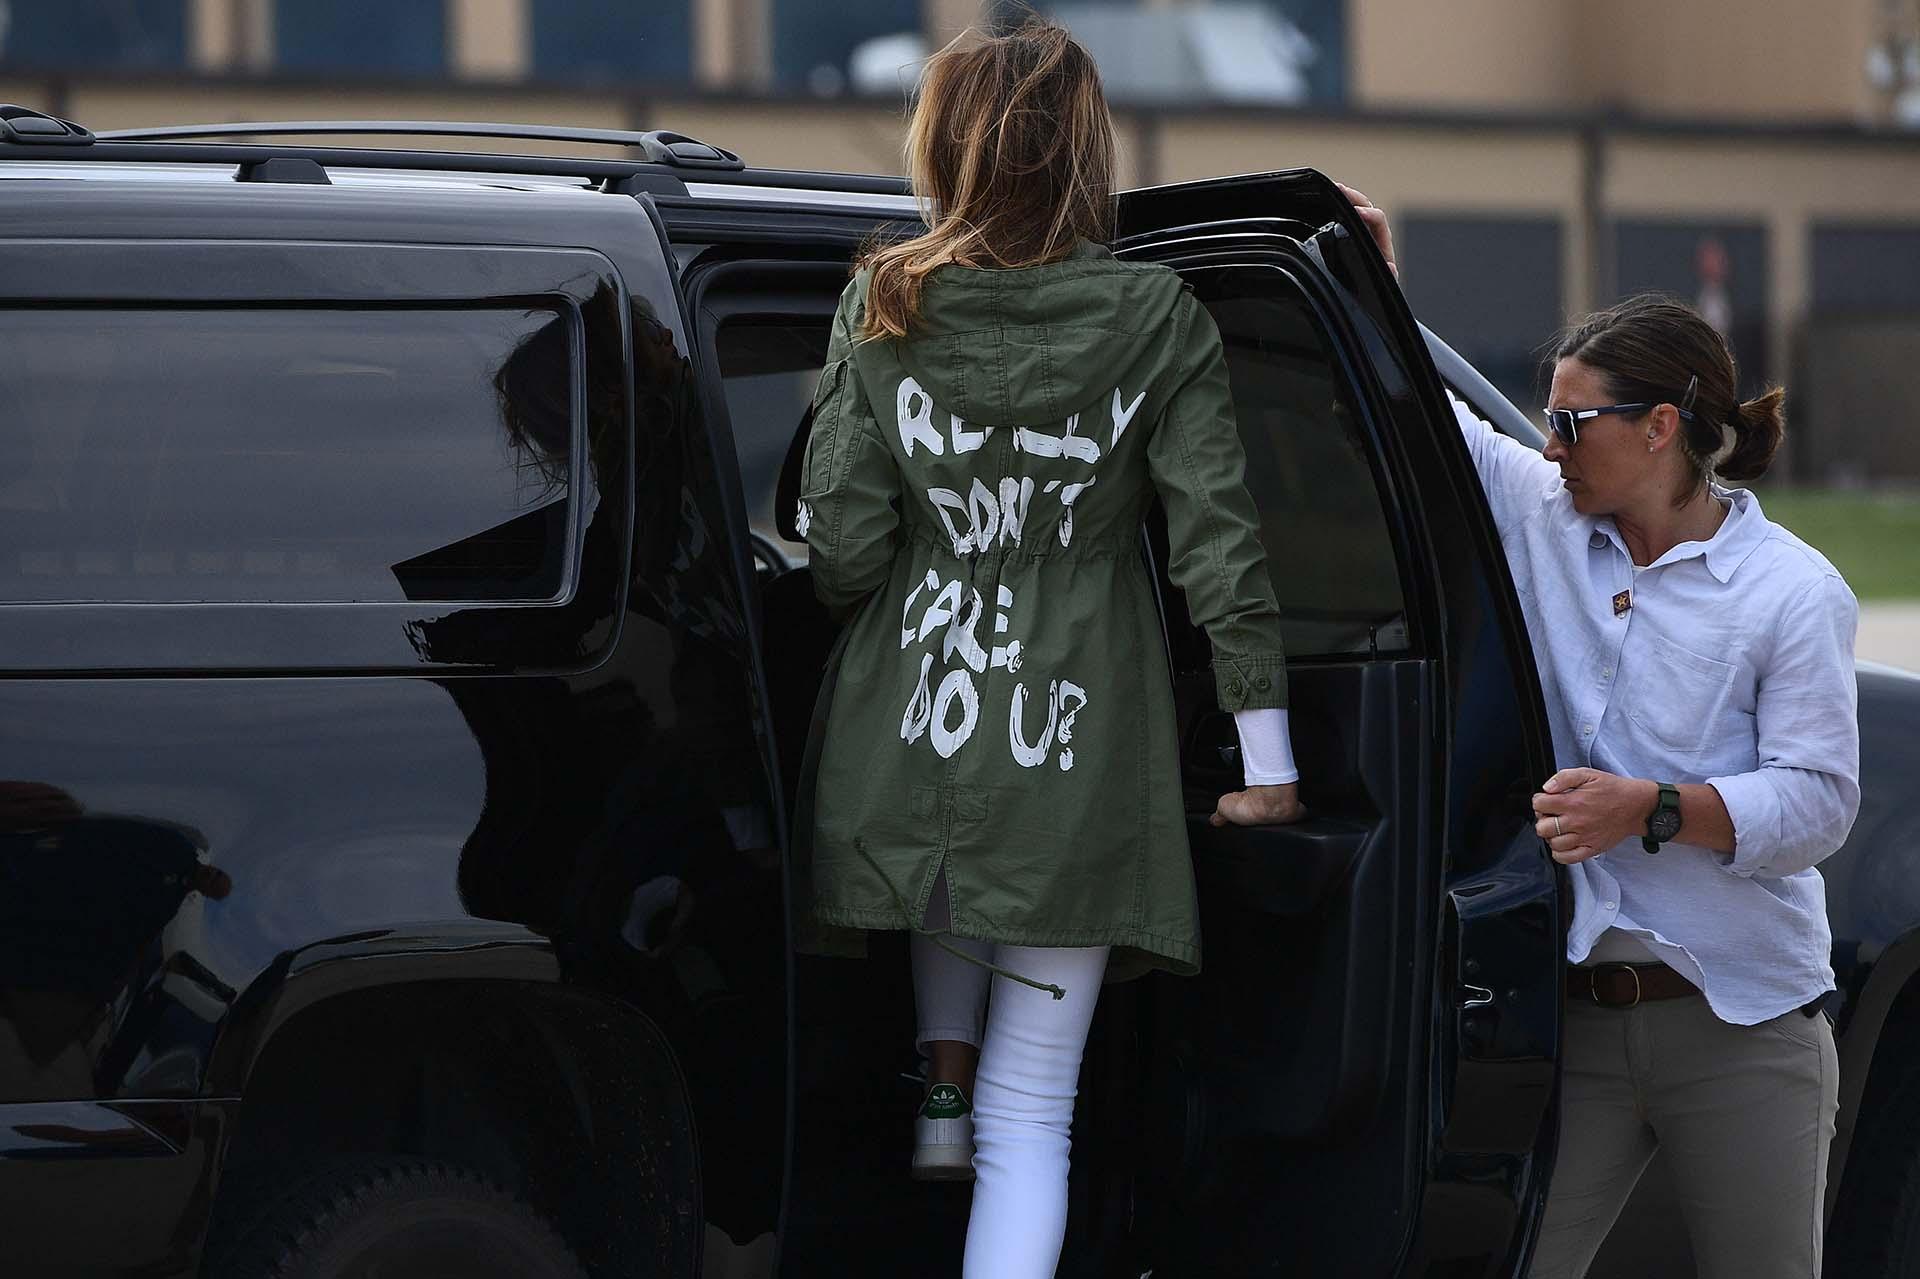 """La primera dama Melania Trump, rumbo a la base aérea de Andrews, Maryland, para viajar a la frontera con México, luce una curiosa chaqueta en la que se lee """"I really don´t care, do you?""""(Realmente no me importa, ¿y a tí?) el 21 de junio"""